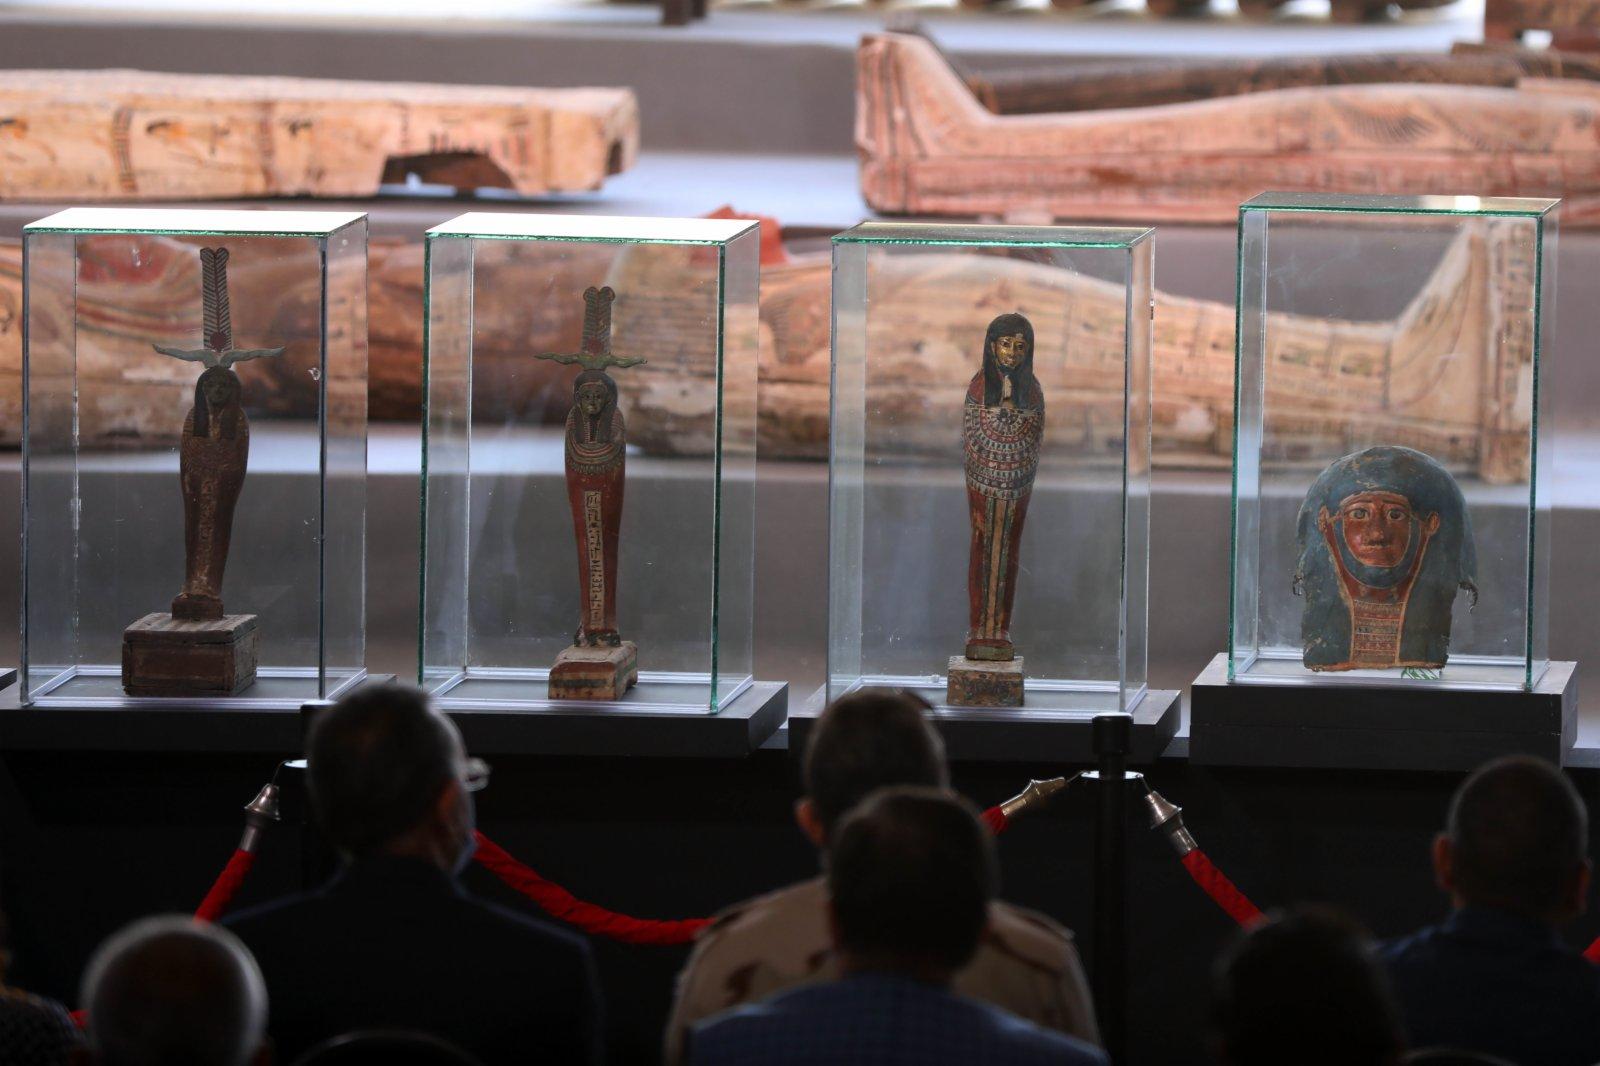 這是11月14日在埃及吉薩拍攝的彩繪木棺和其他出土文物。(新華社)